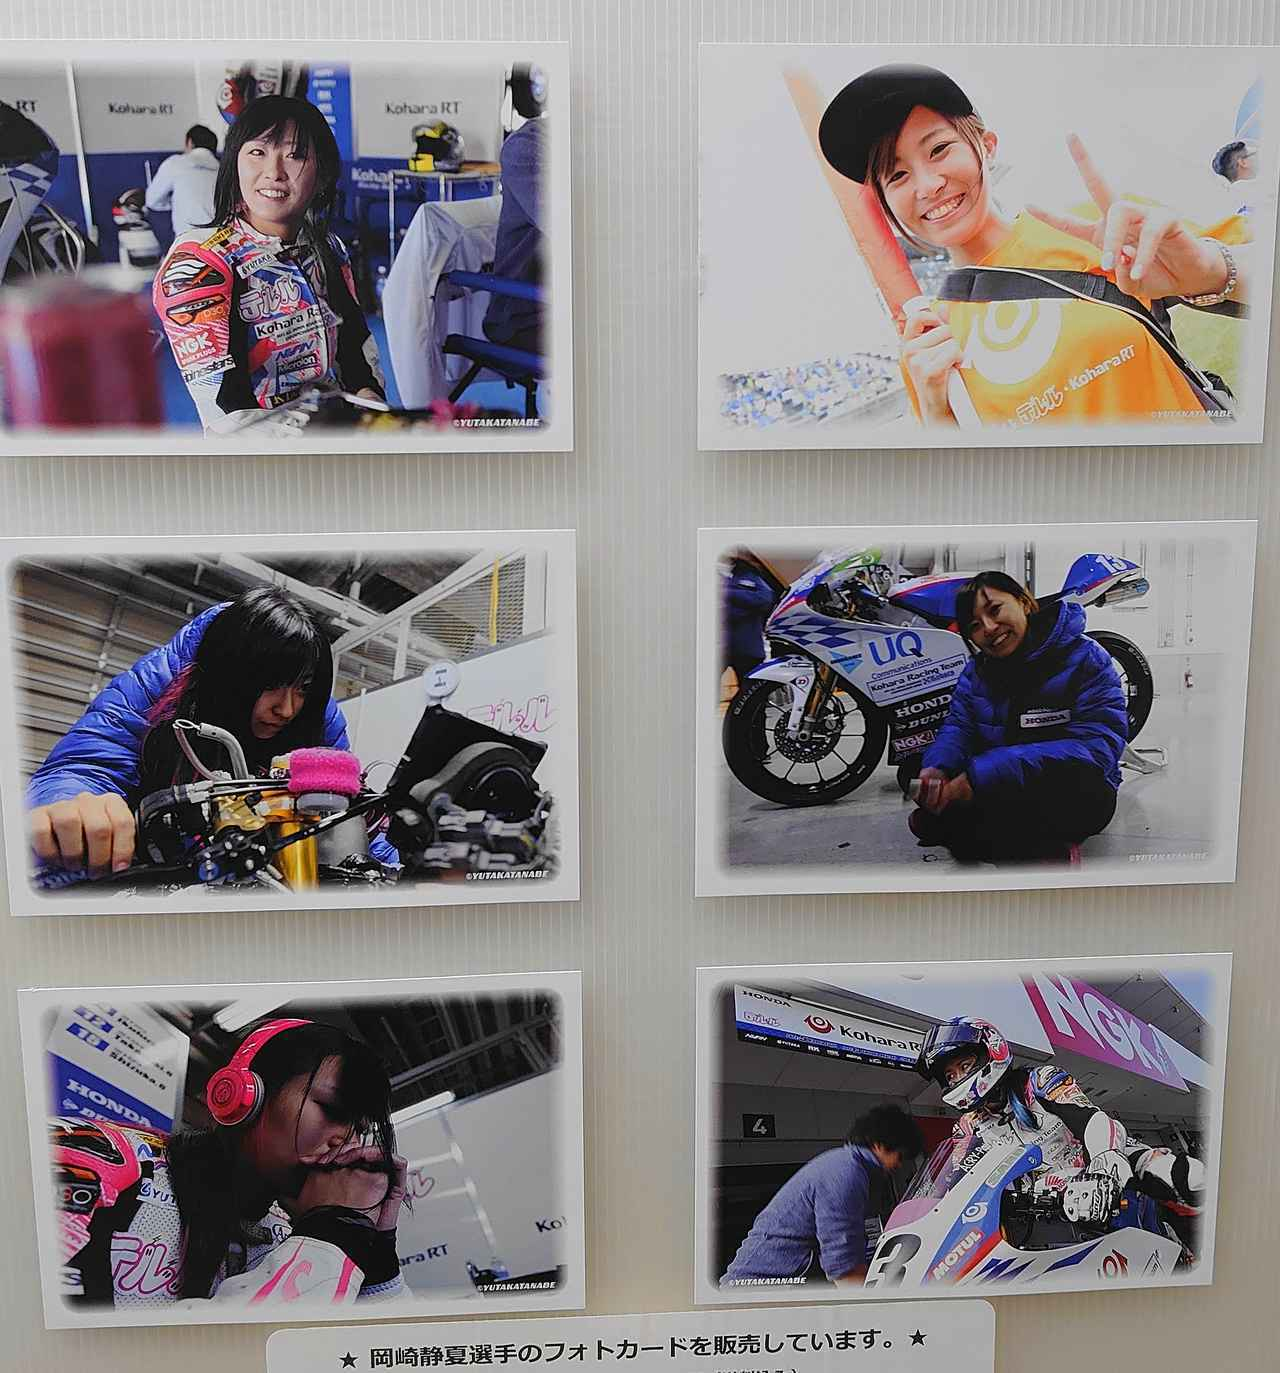 画像: 岡崎選手の実に豊かな表情を田邊氏が多彩に切り取り綴っている(会場ではフォトカードも発売)